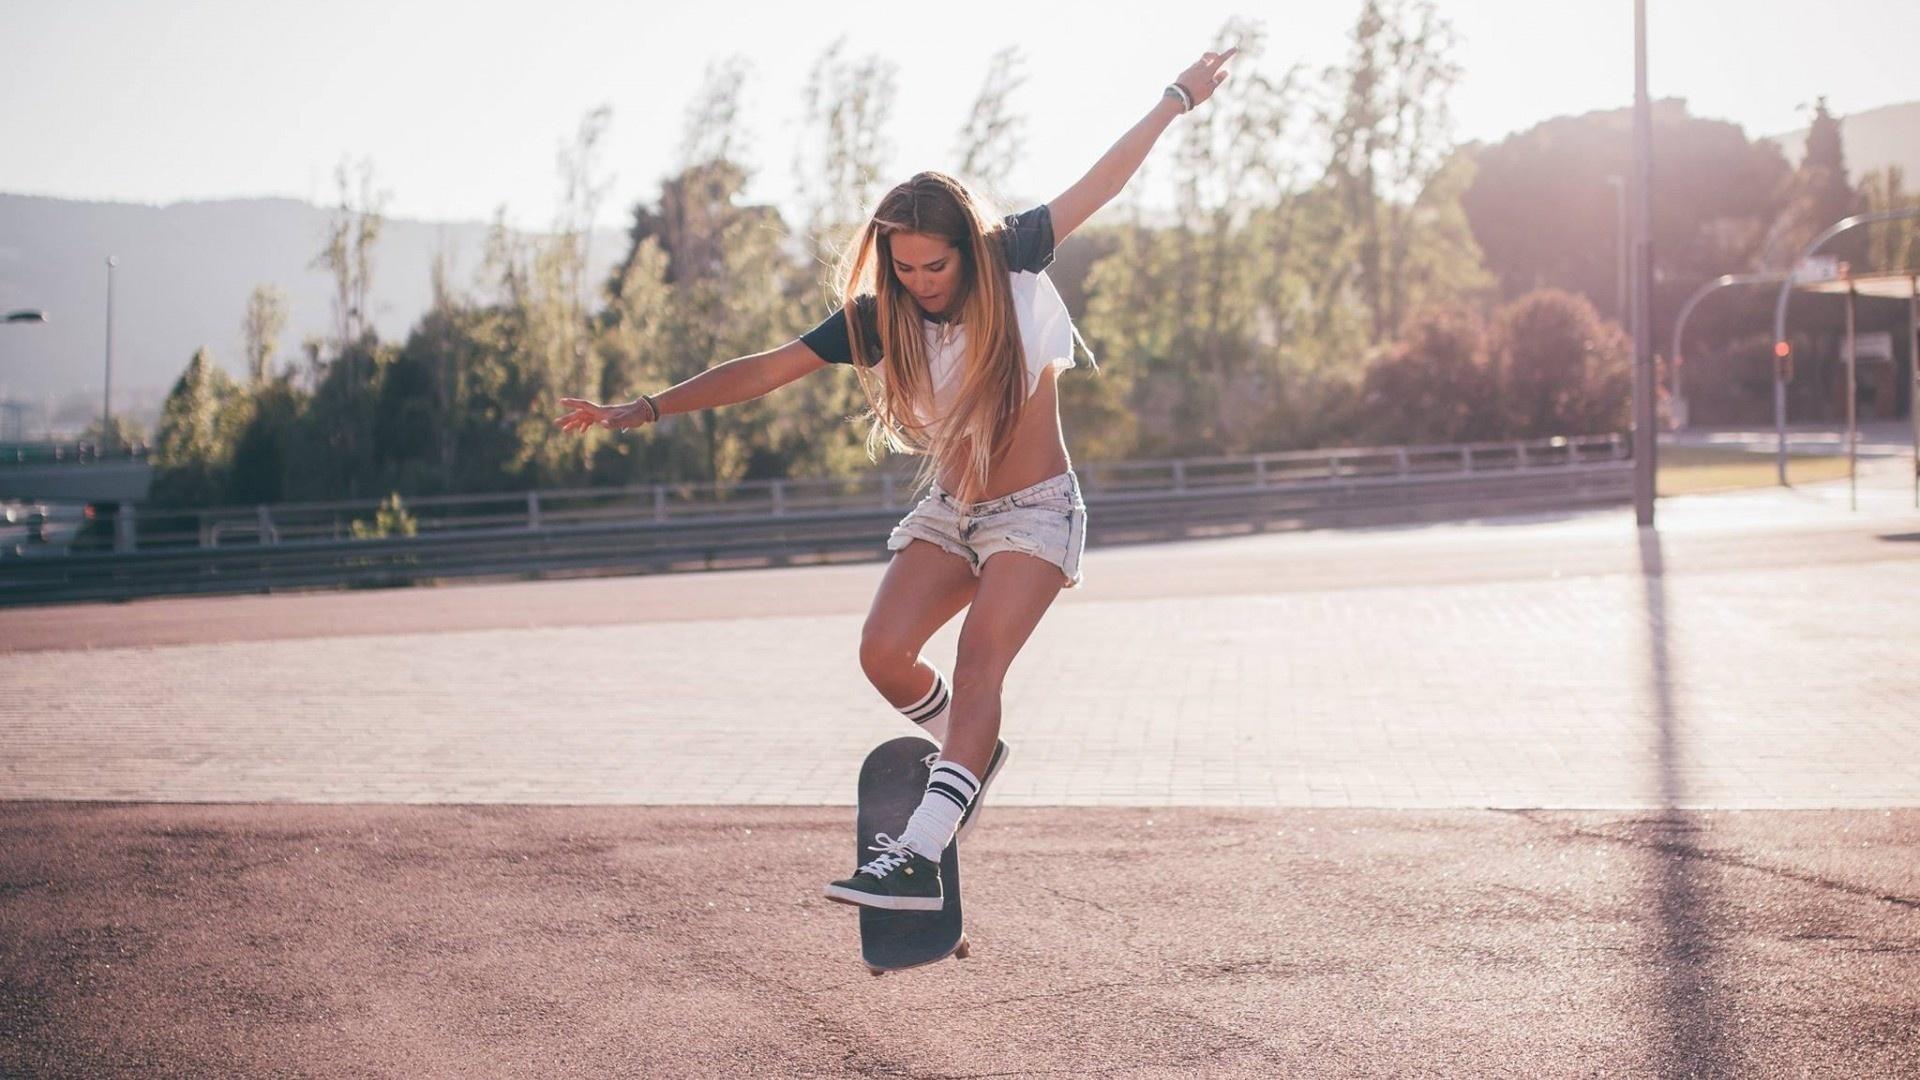 Картинки на аву девушка и спорт